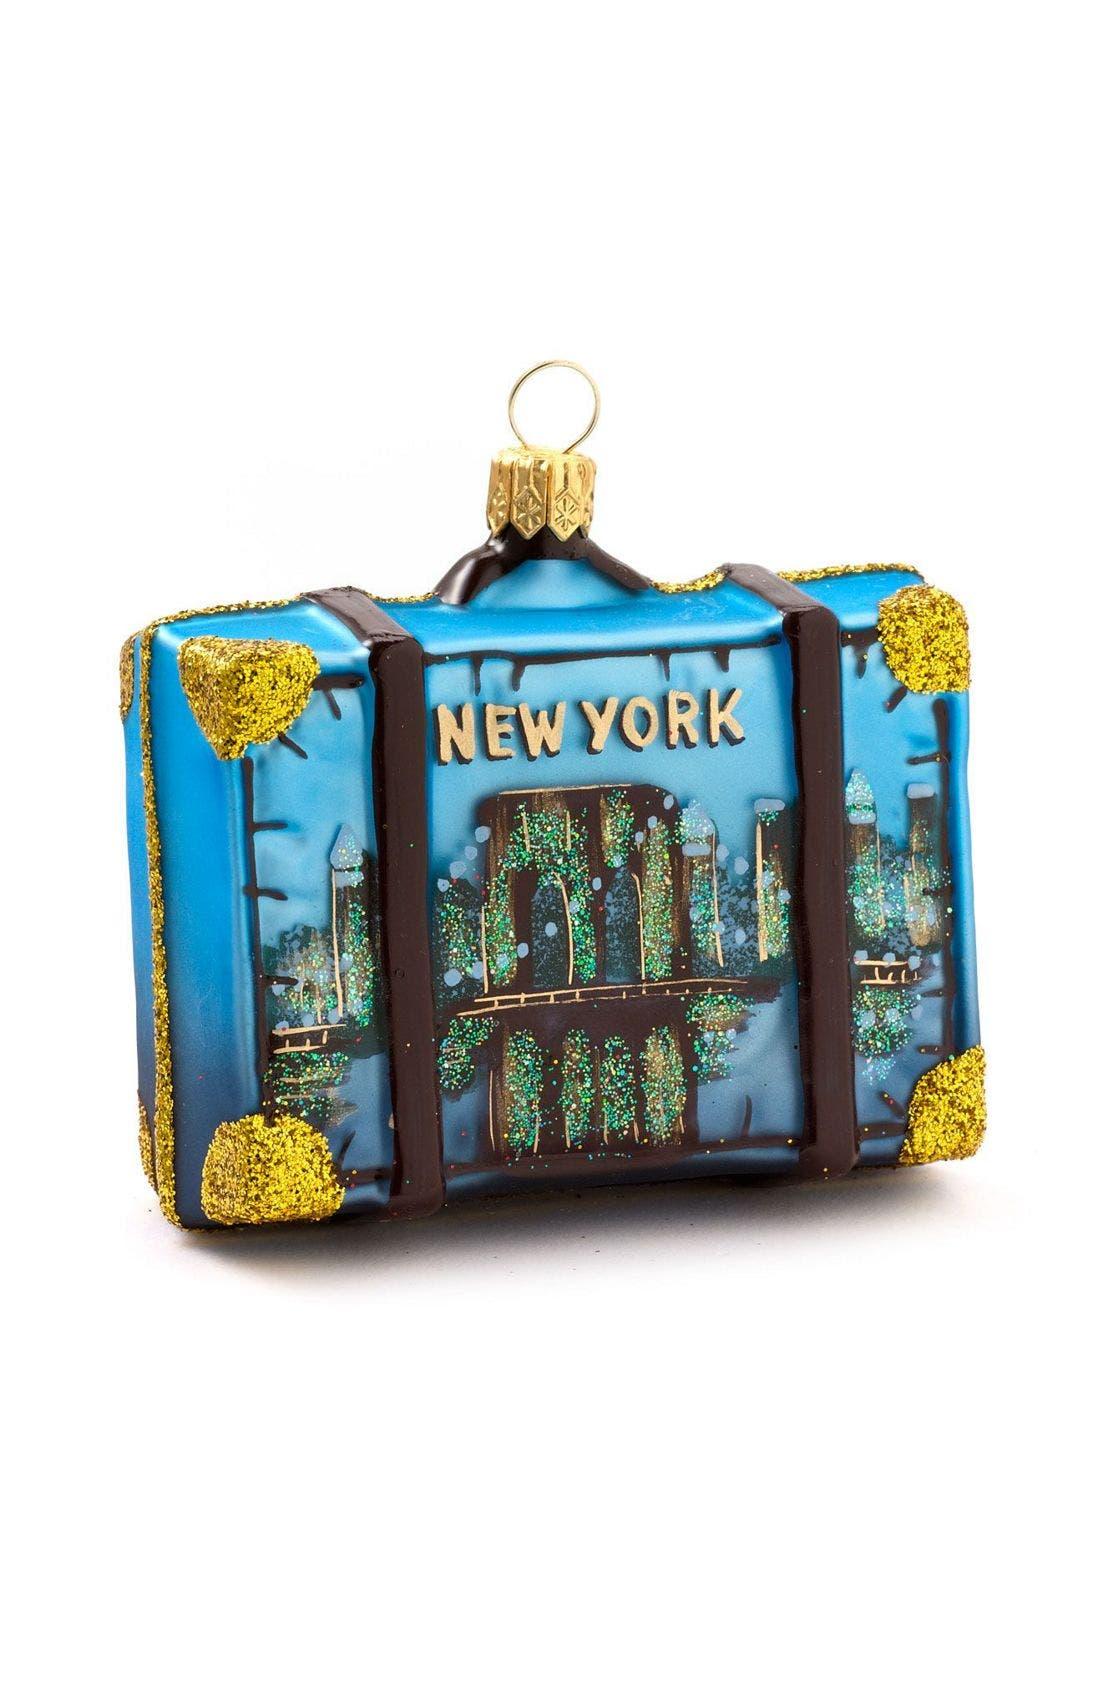 Nordstrom 'Washington D.C.' Glass Suitcase Ornament, Main, color, 960